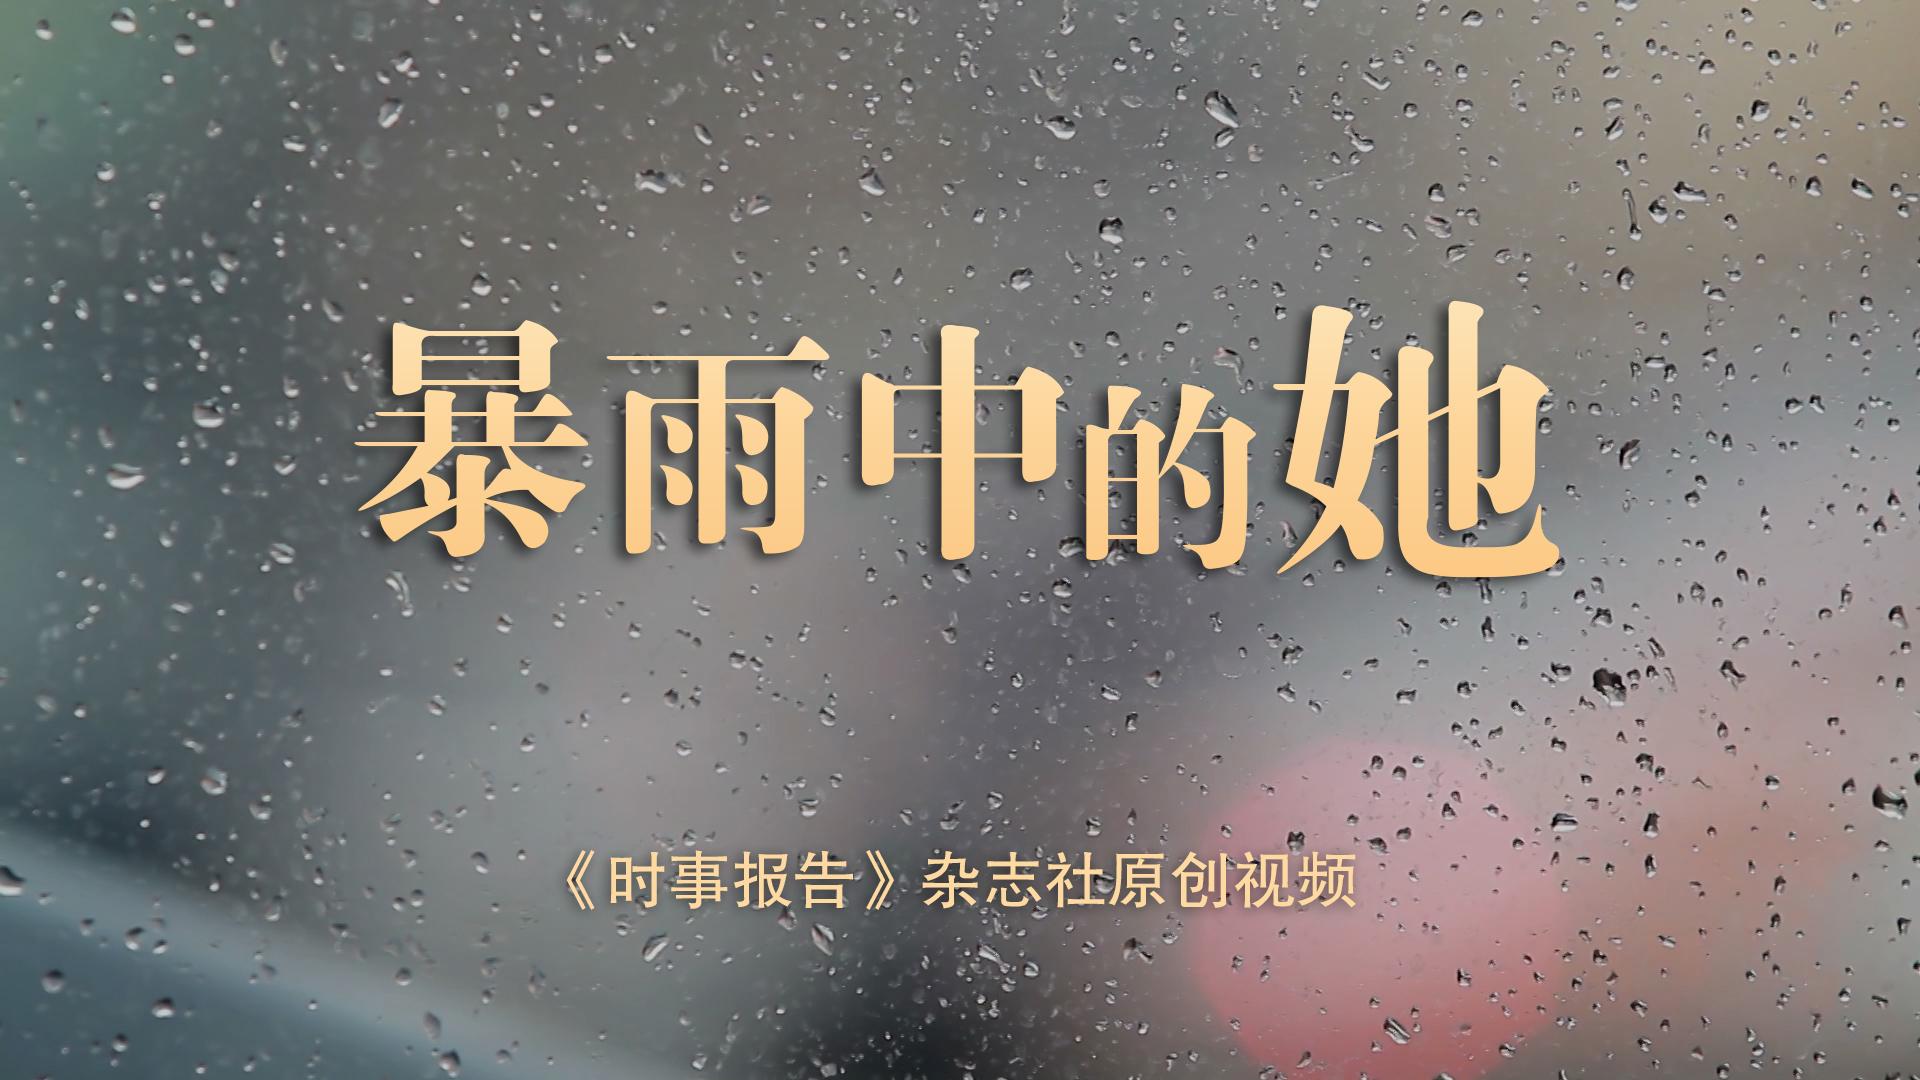 暴雨中的她-封面1080P.jpg